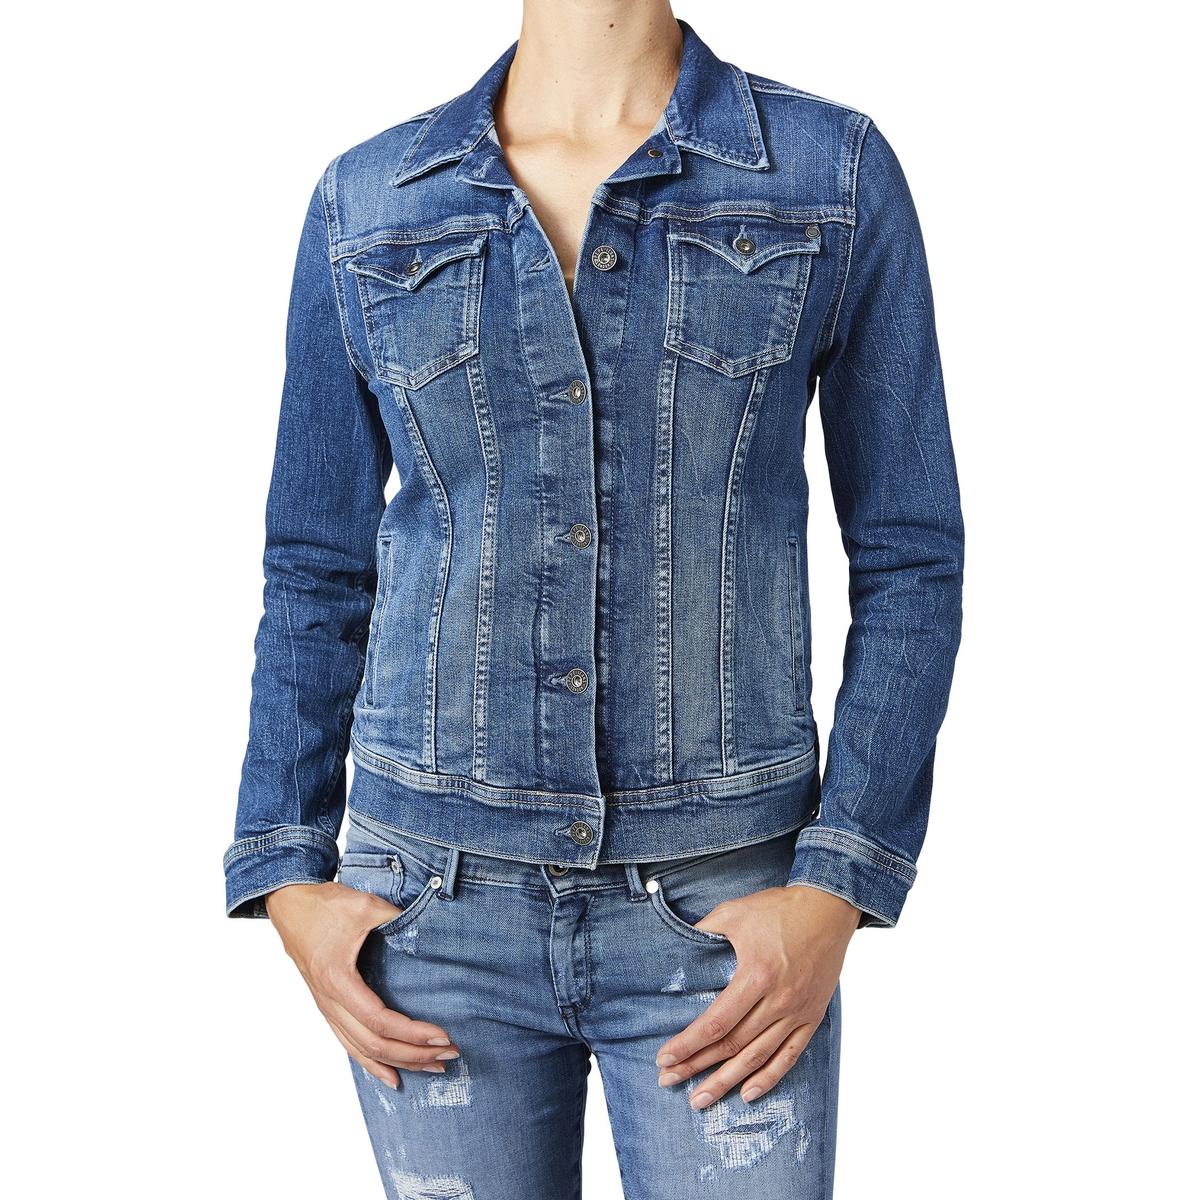 Жакет джинсовый прямого покрояОписание:Детали • Джинсовая ткань •  Прямой покрой •  Воротник-поло, рубашечныйСостав и уход •  98% хлопка, 2% эластана •  Следуйте рекомендациям по уходу, указанным на этикетке изделия<br><br>Цвет: синий стираный<br>Размер: S